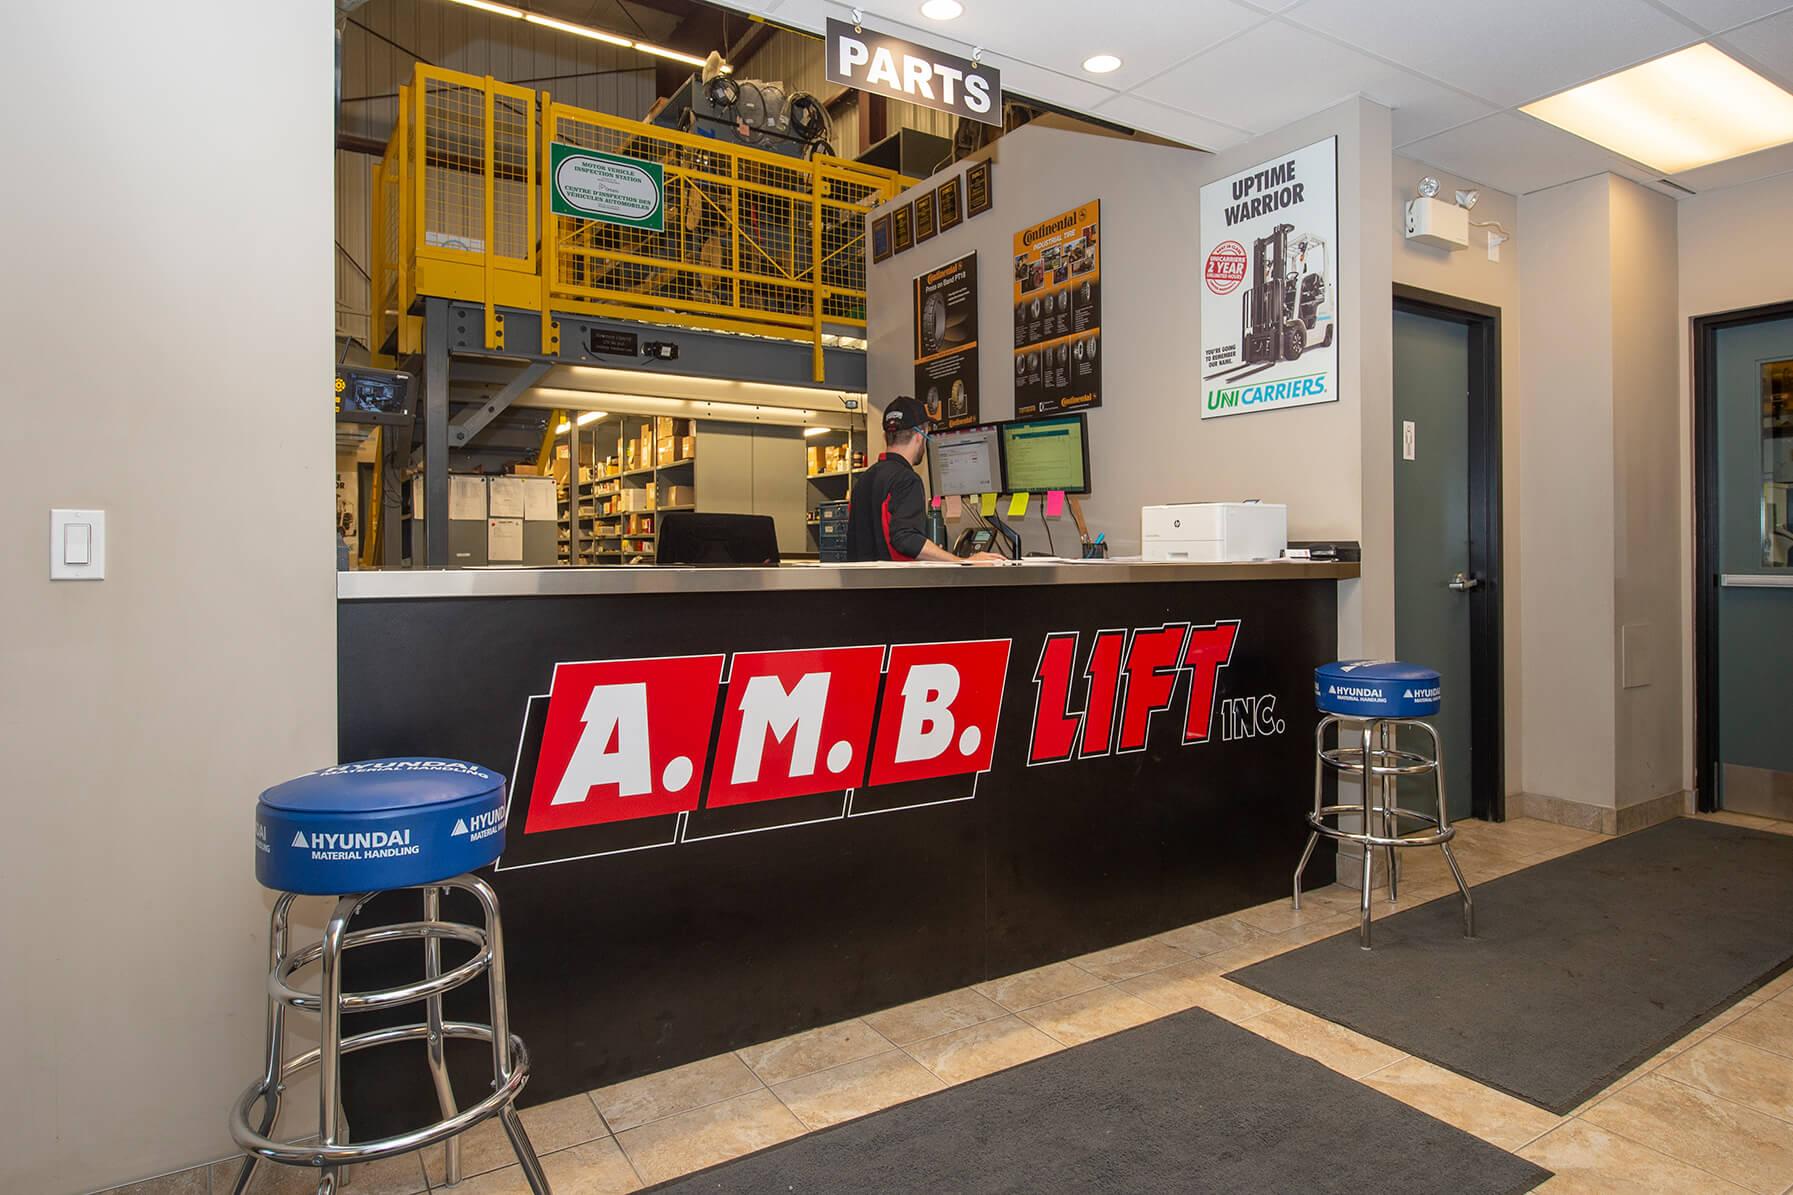 Service_desk_at_AMB